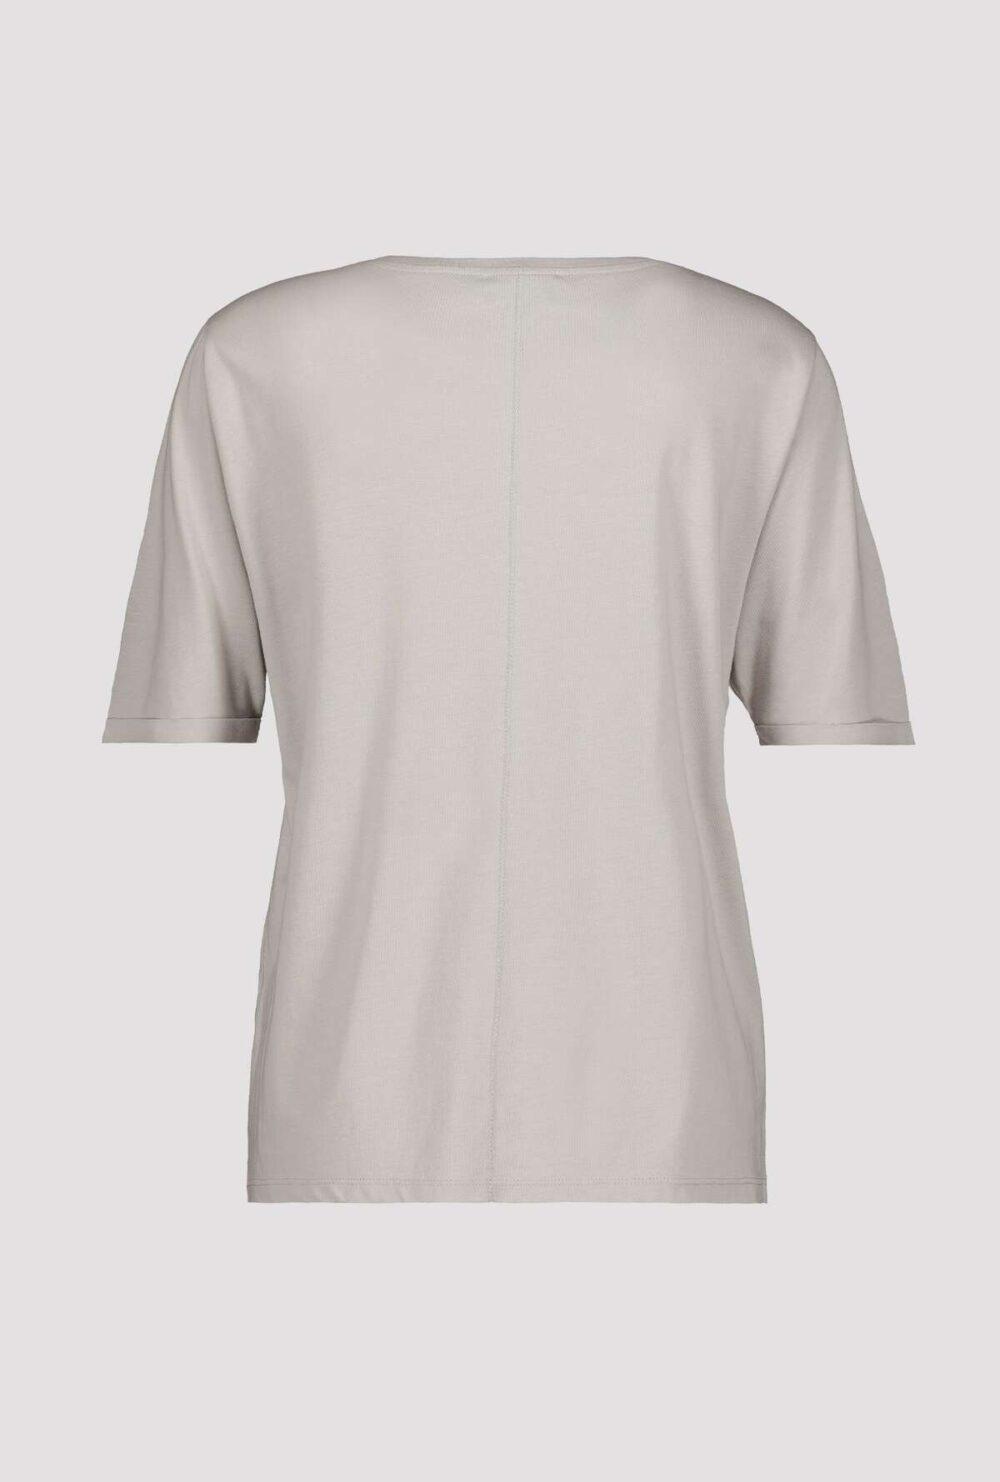 Monari T shirt med pailetter 1